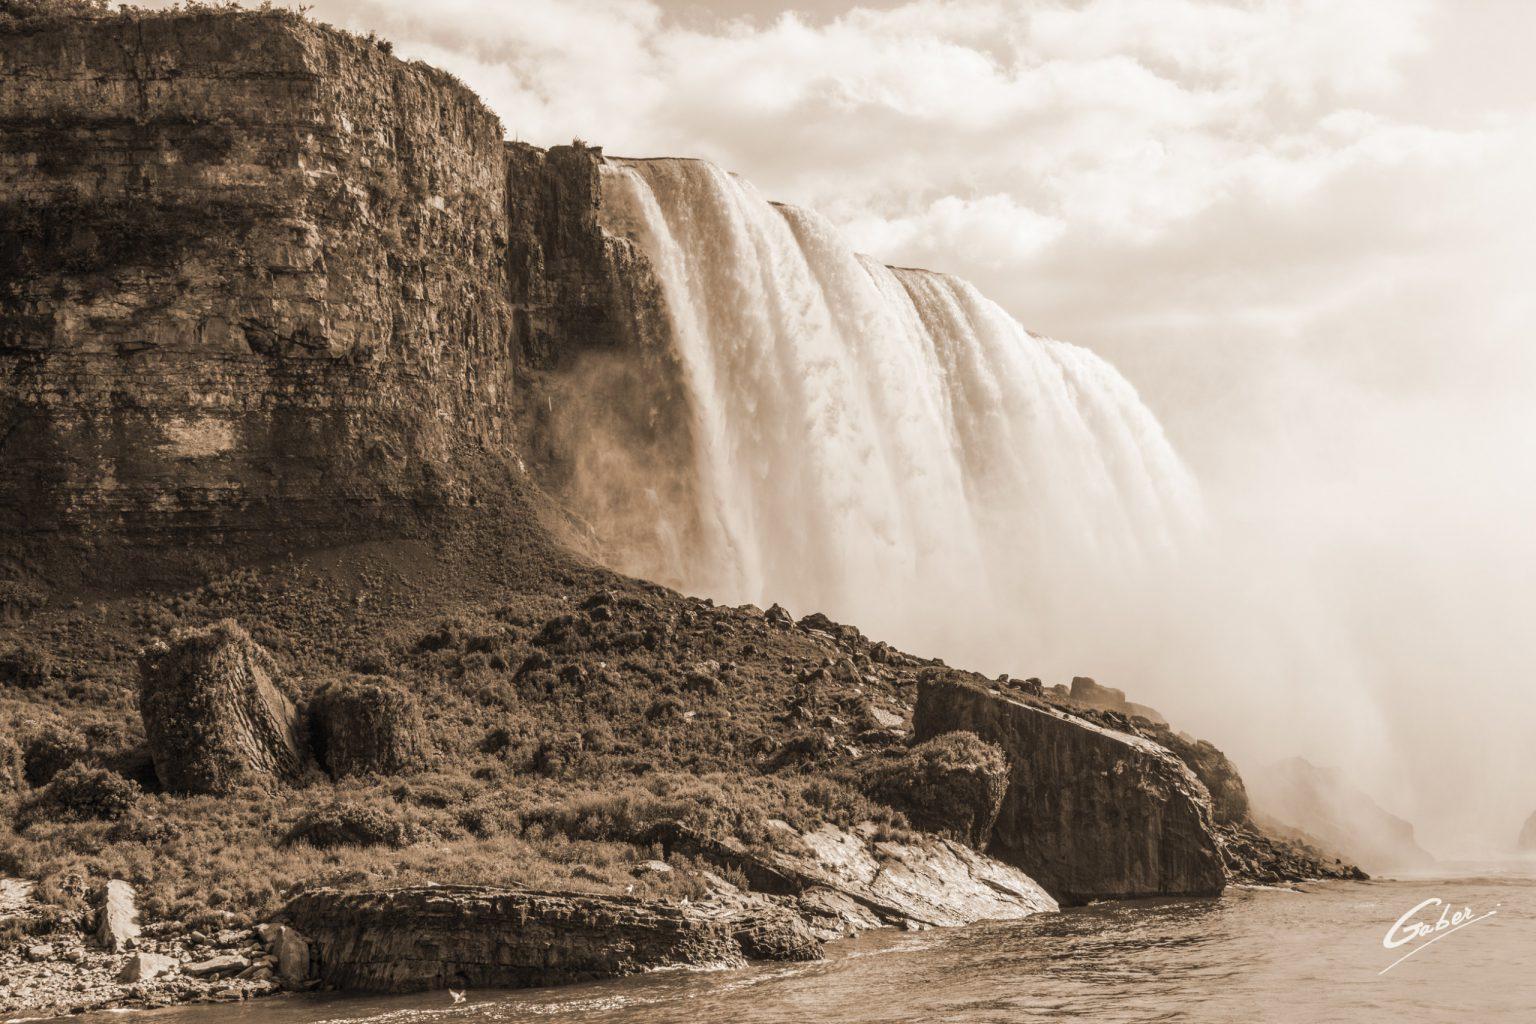 Niagara_Falls_09_16x24_FINAL_GAB-S-LSSNF16-09